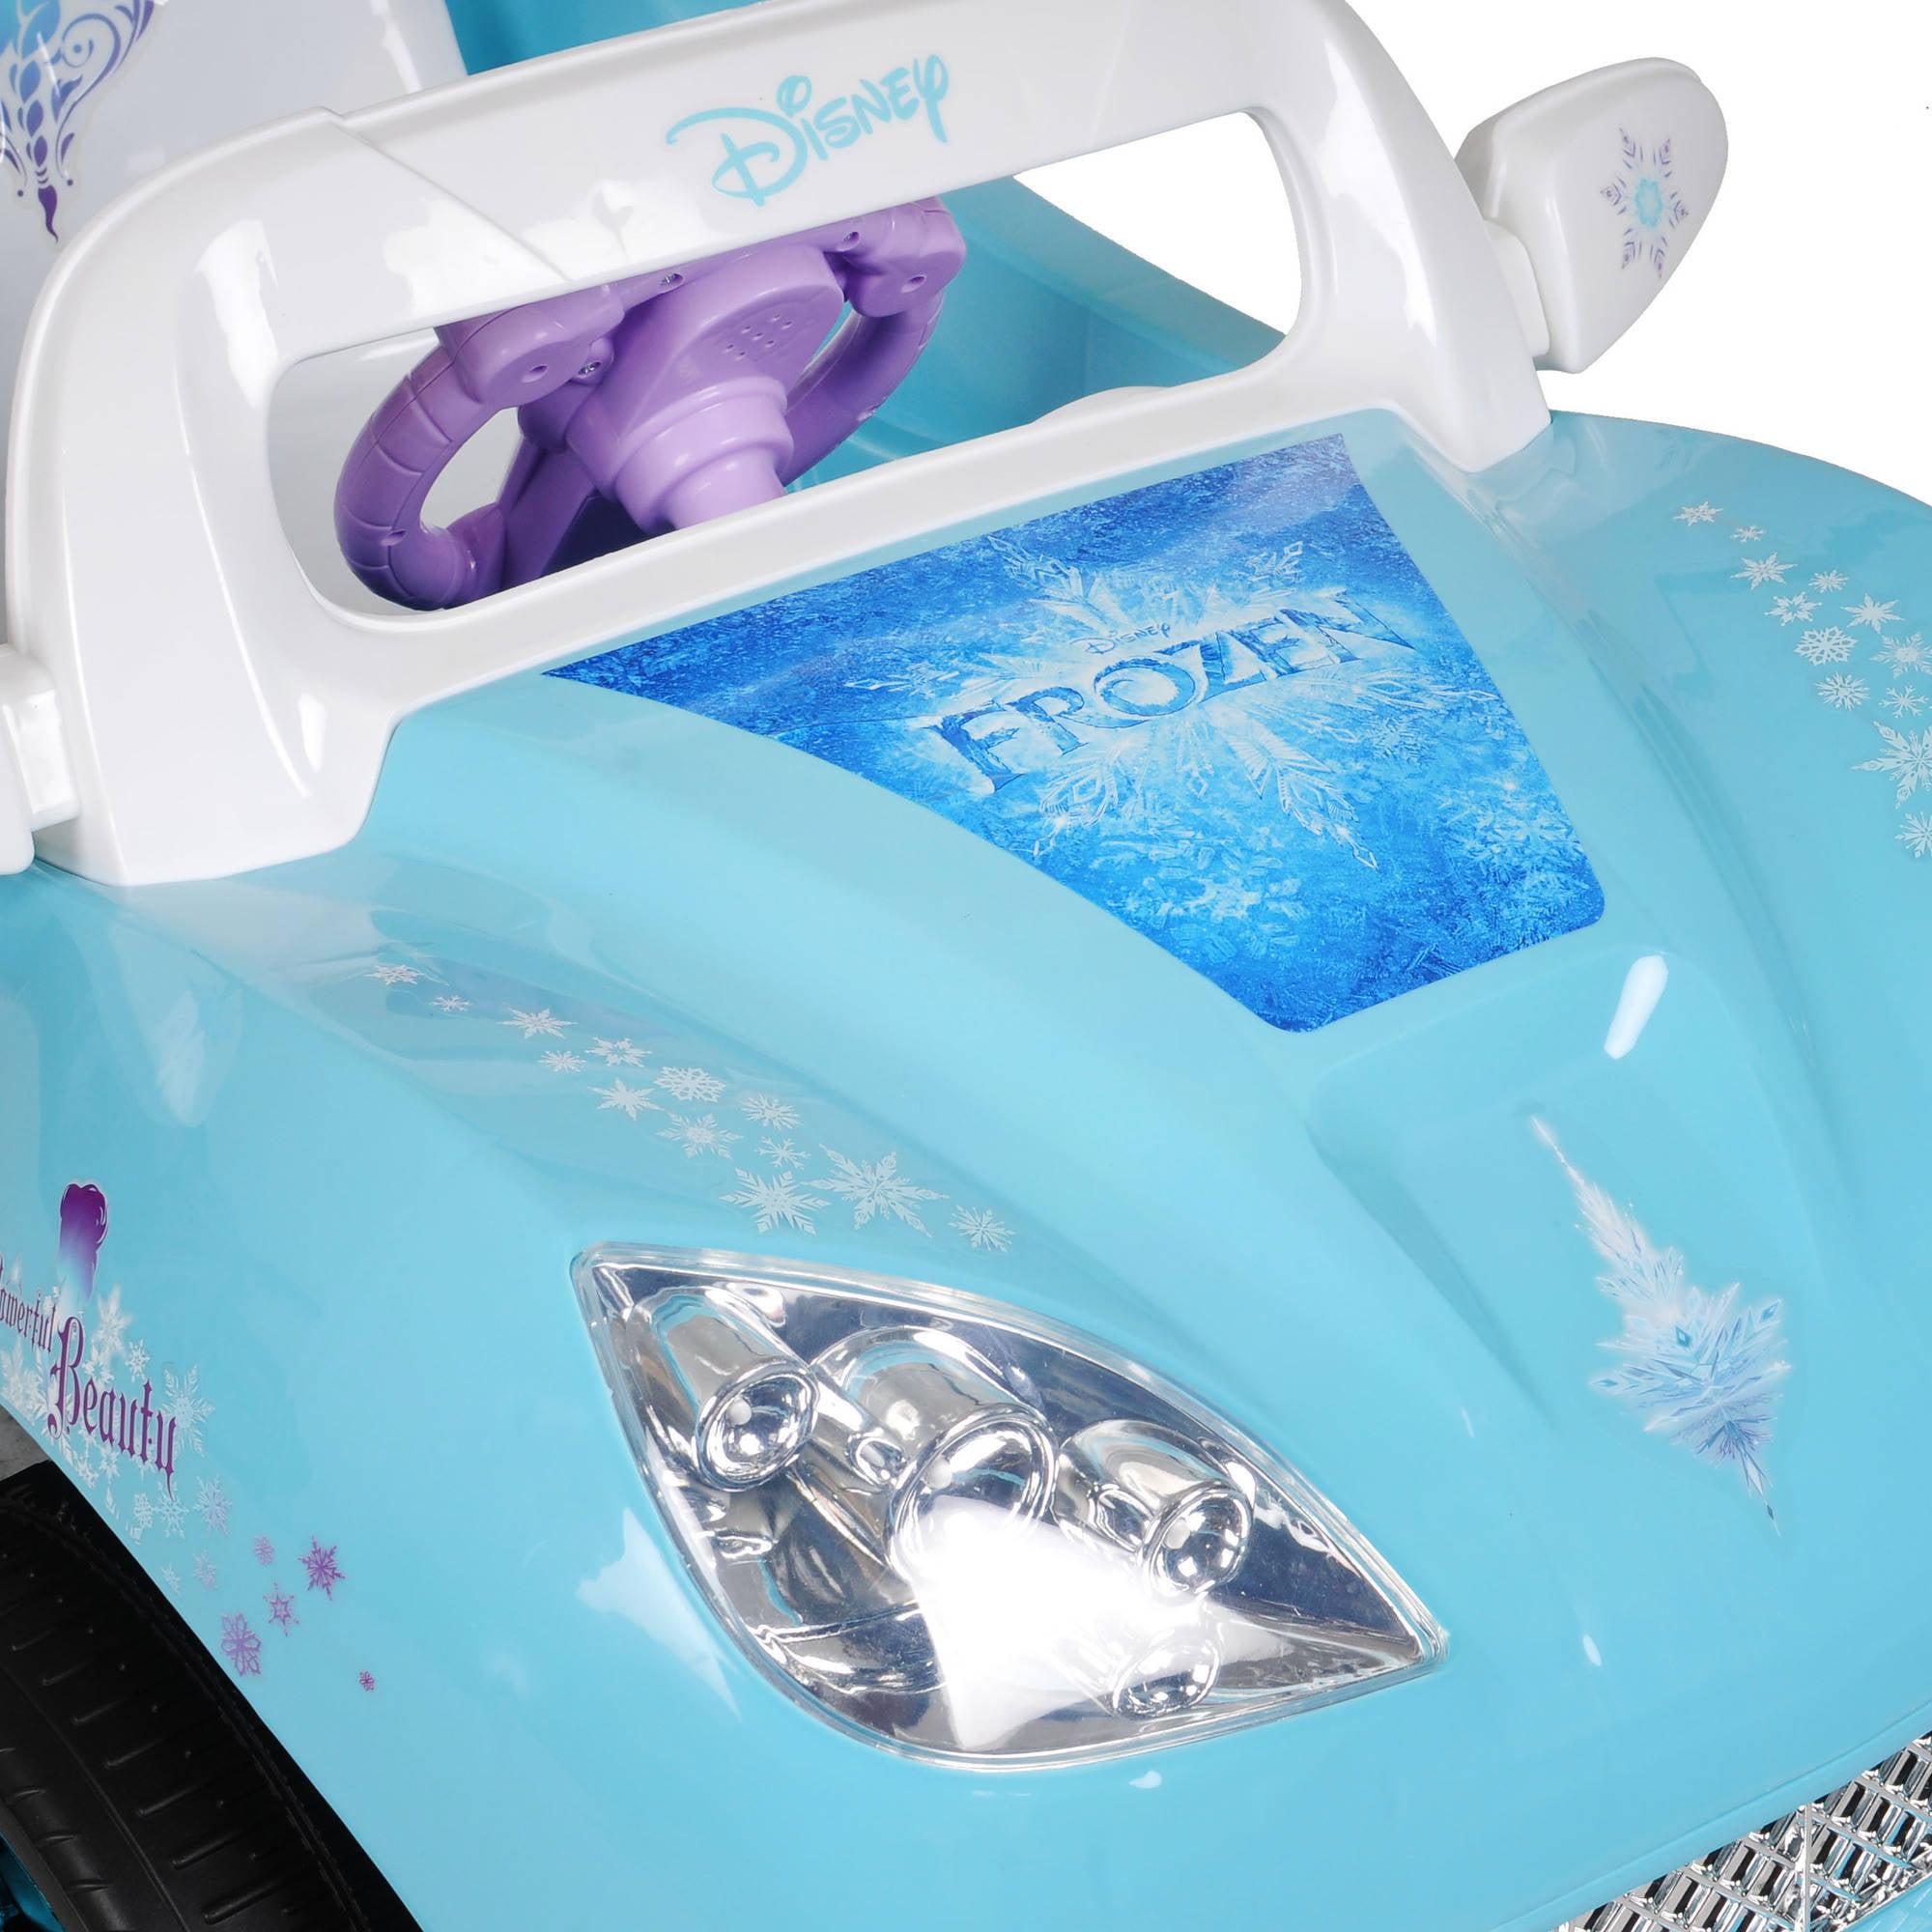 Disney Frozen Convertible Car 6 Volt Battery Powered Ride On